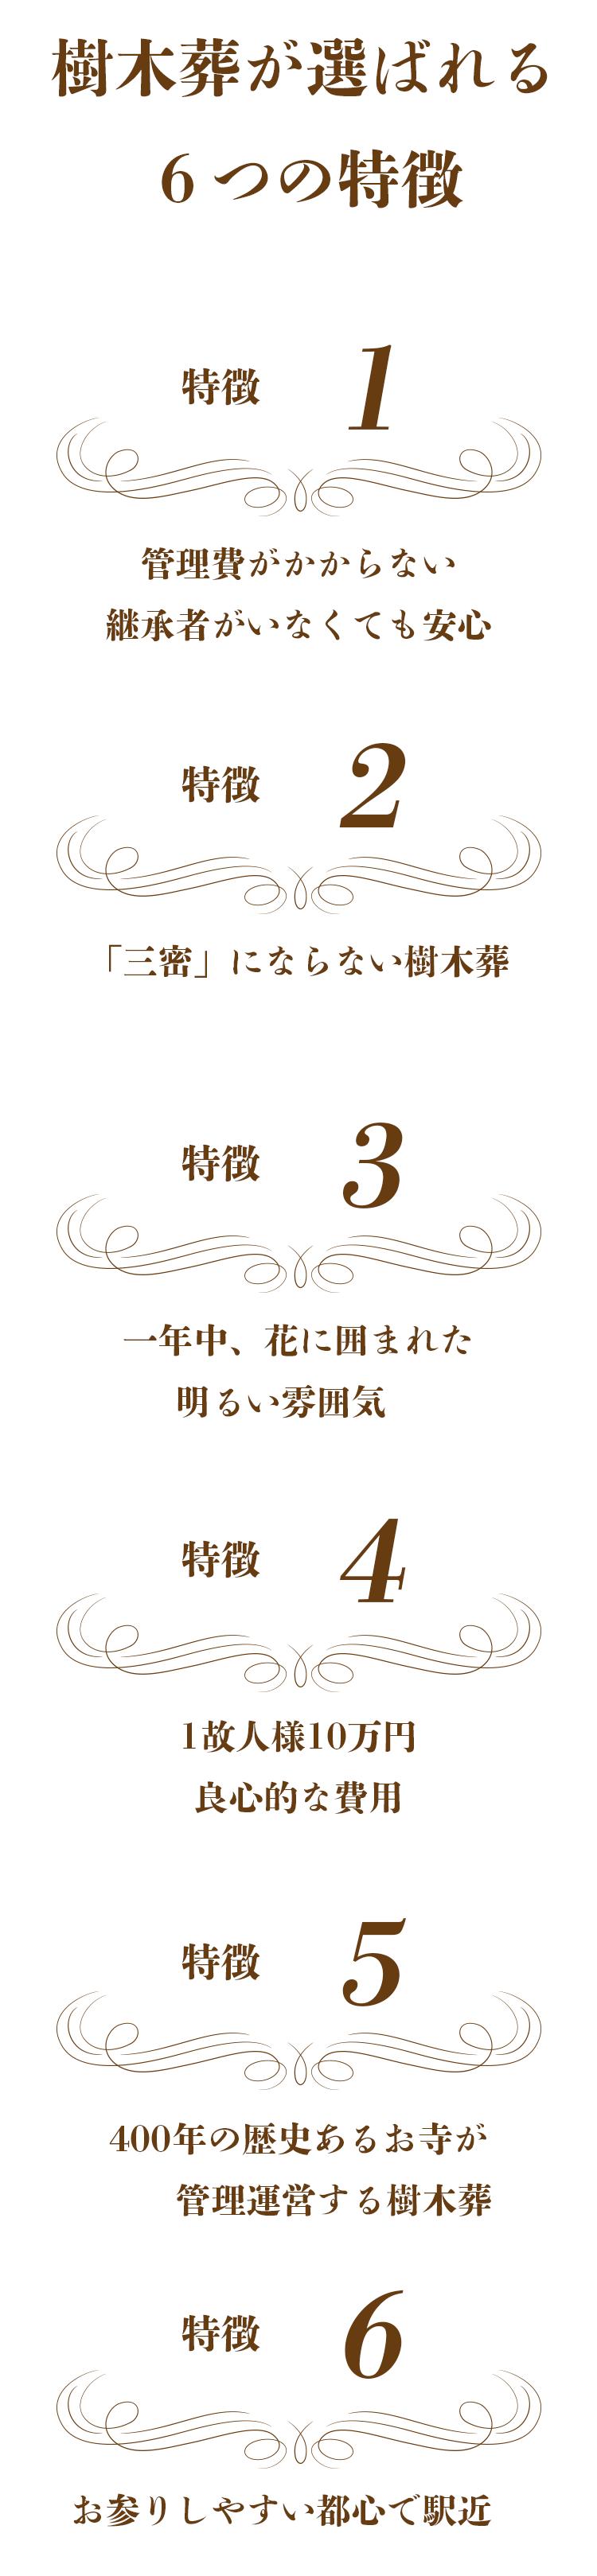 樹木葬が選ばれる6つの特徴